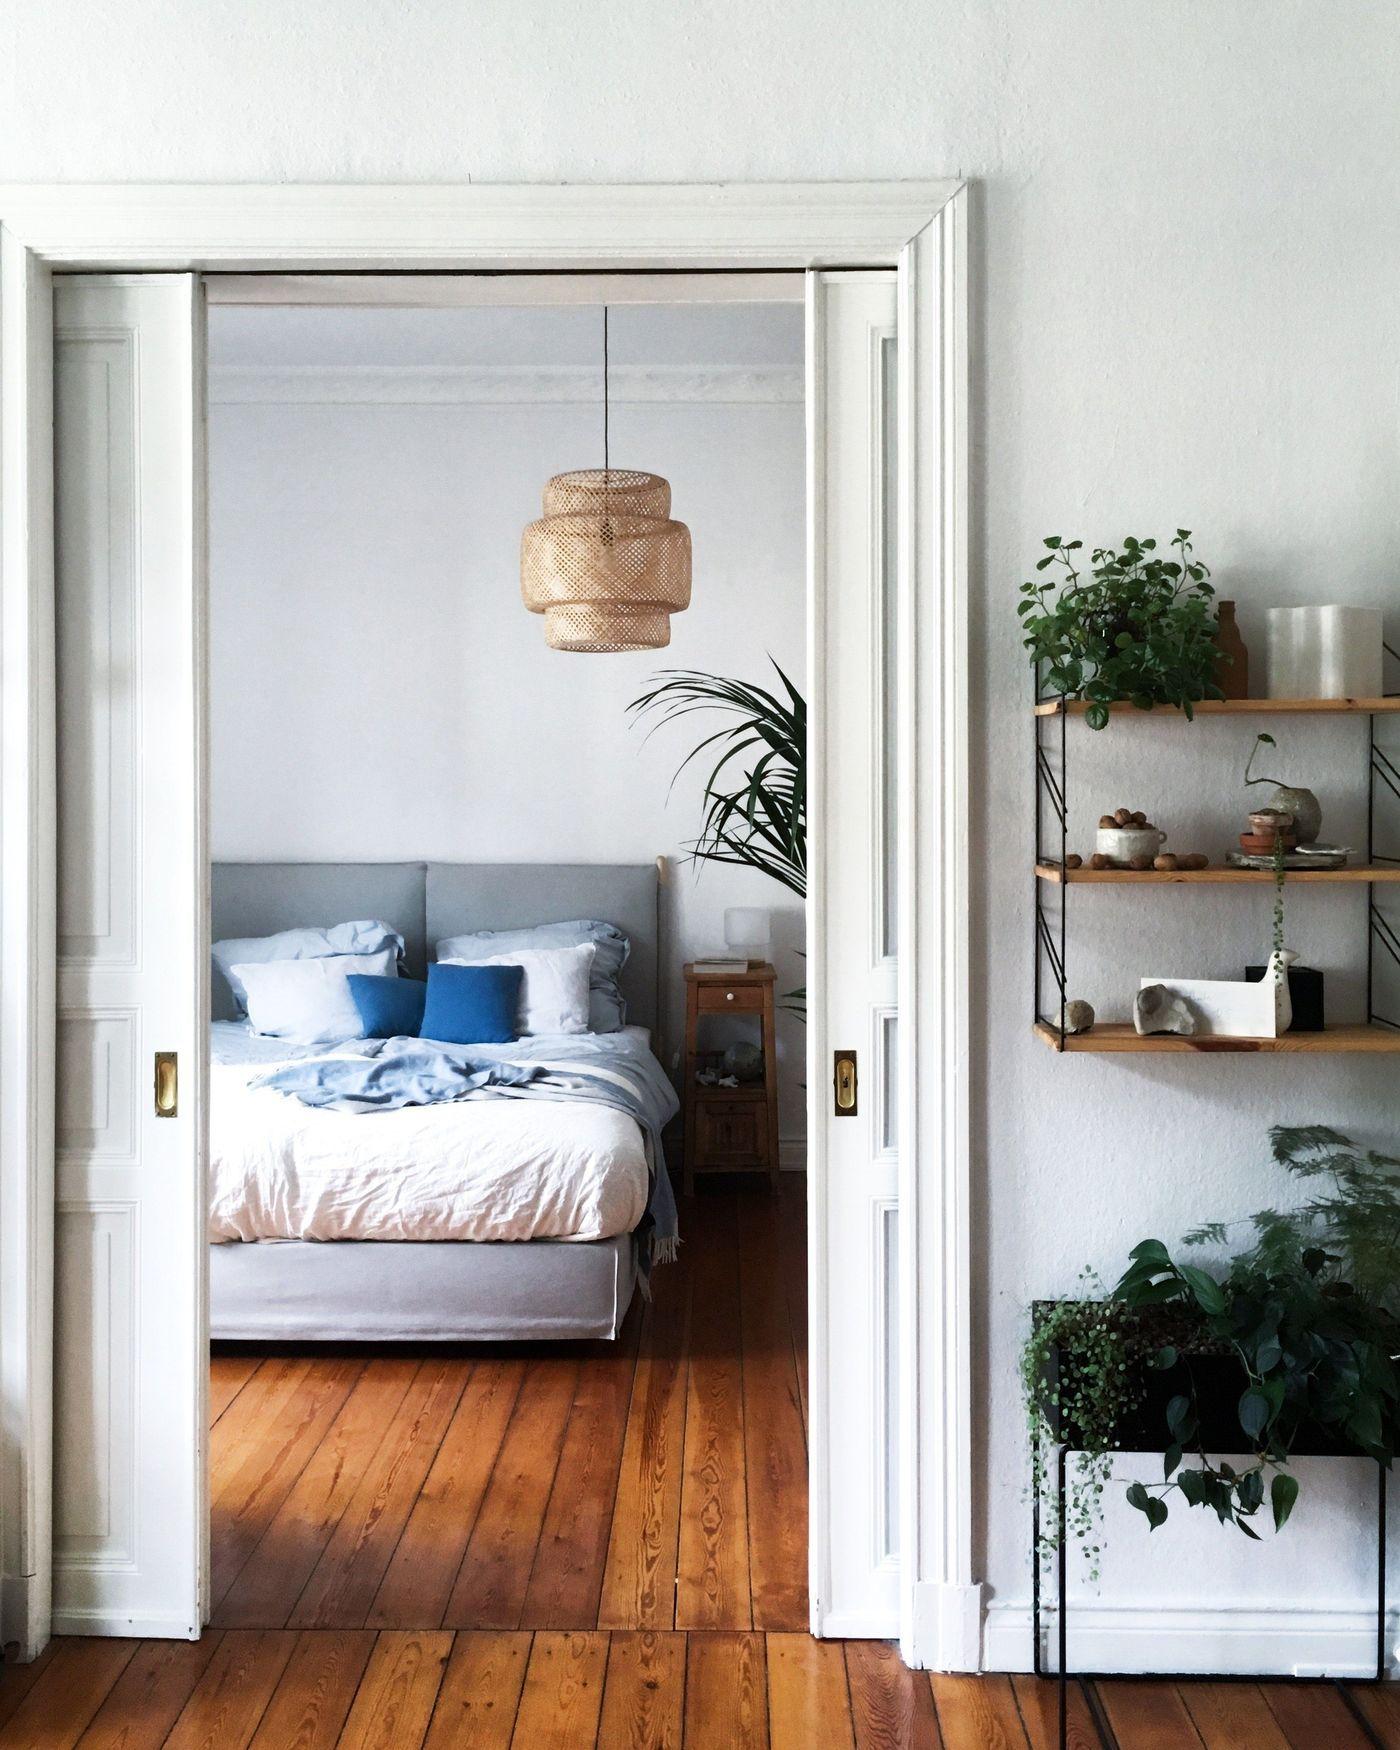 schlafzimmer ideen zum einrichten gestalten seite 10. Black Bedroom Furniture Sets. Home Design Ideas